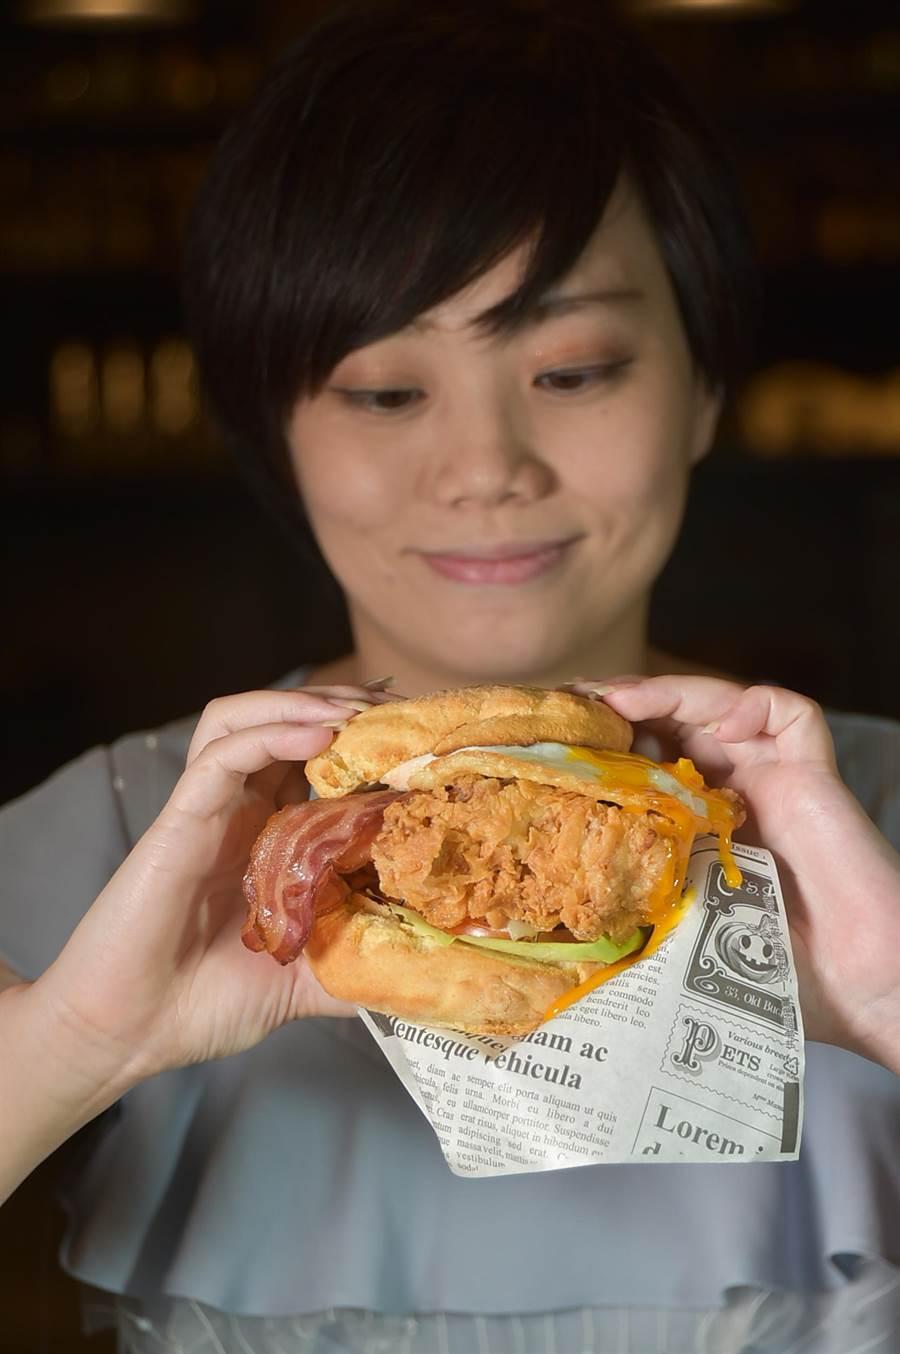 〈Buttermilk〉摩登美式餐廳夏季新菜〈阿嬤炸雞比司吉超級堡〉很大,女生不易Hold得住。(圖/姚舜)